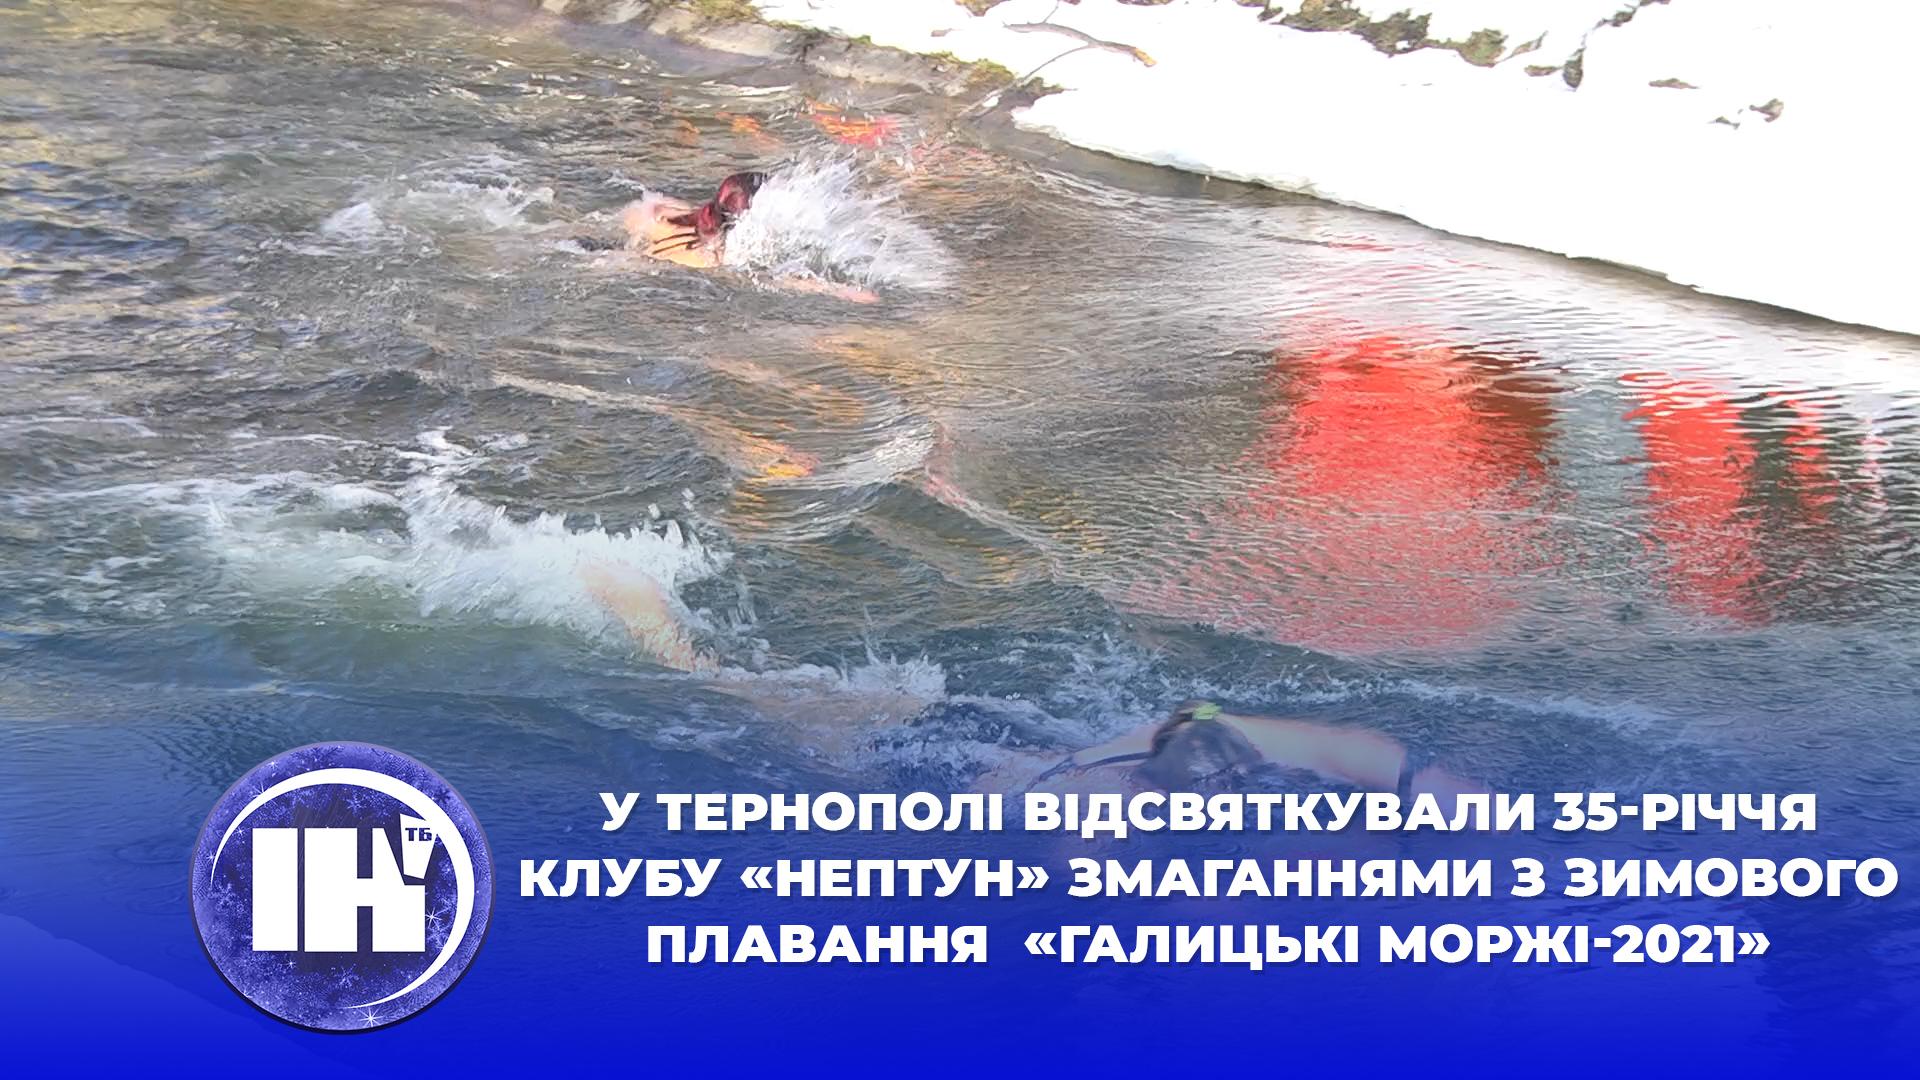 У Тернополі відсвяткували 35-річчя клубу «Нептун» змаганнями з зимового плавання  «Галицькі моржі-2021»